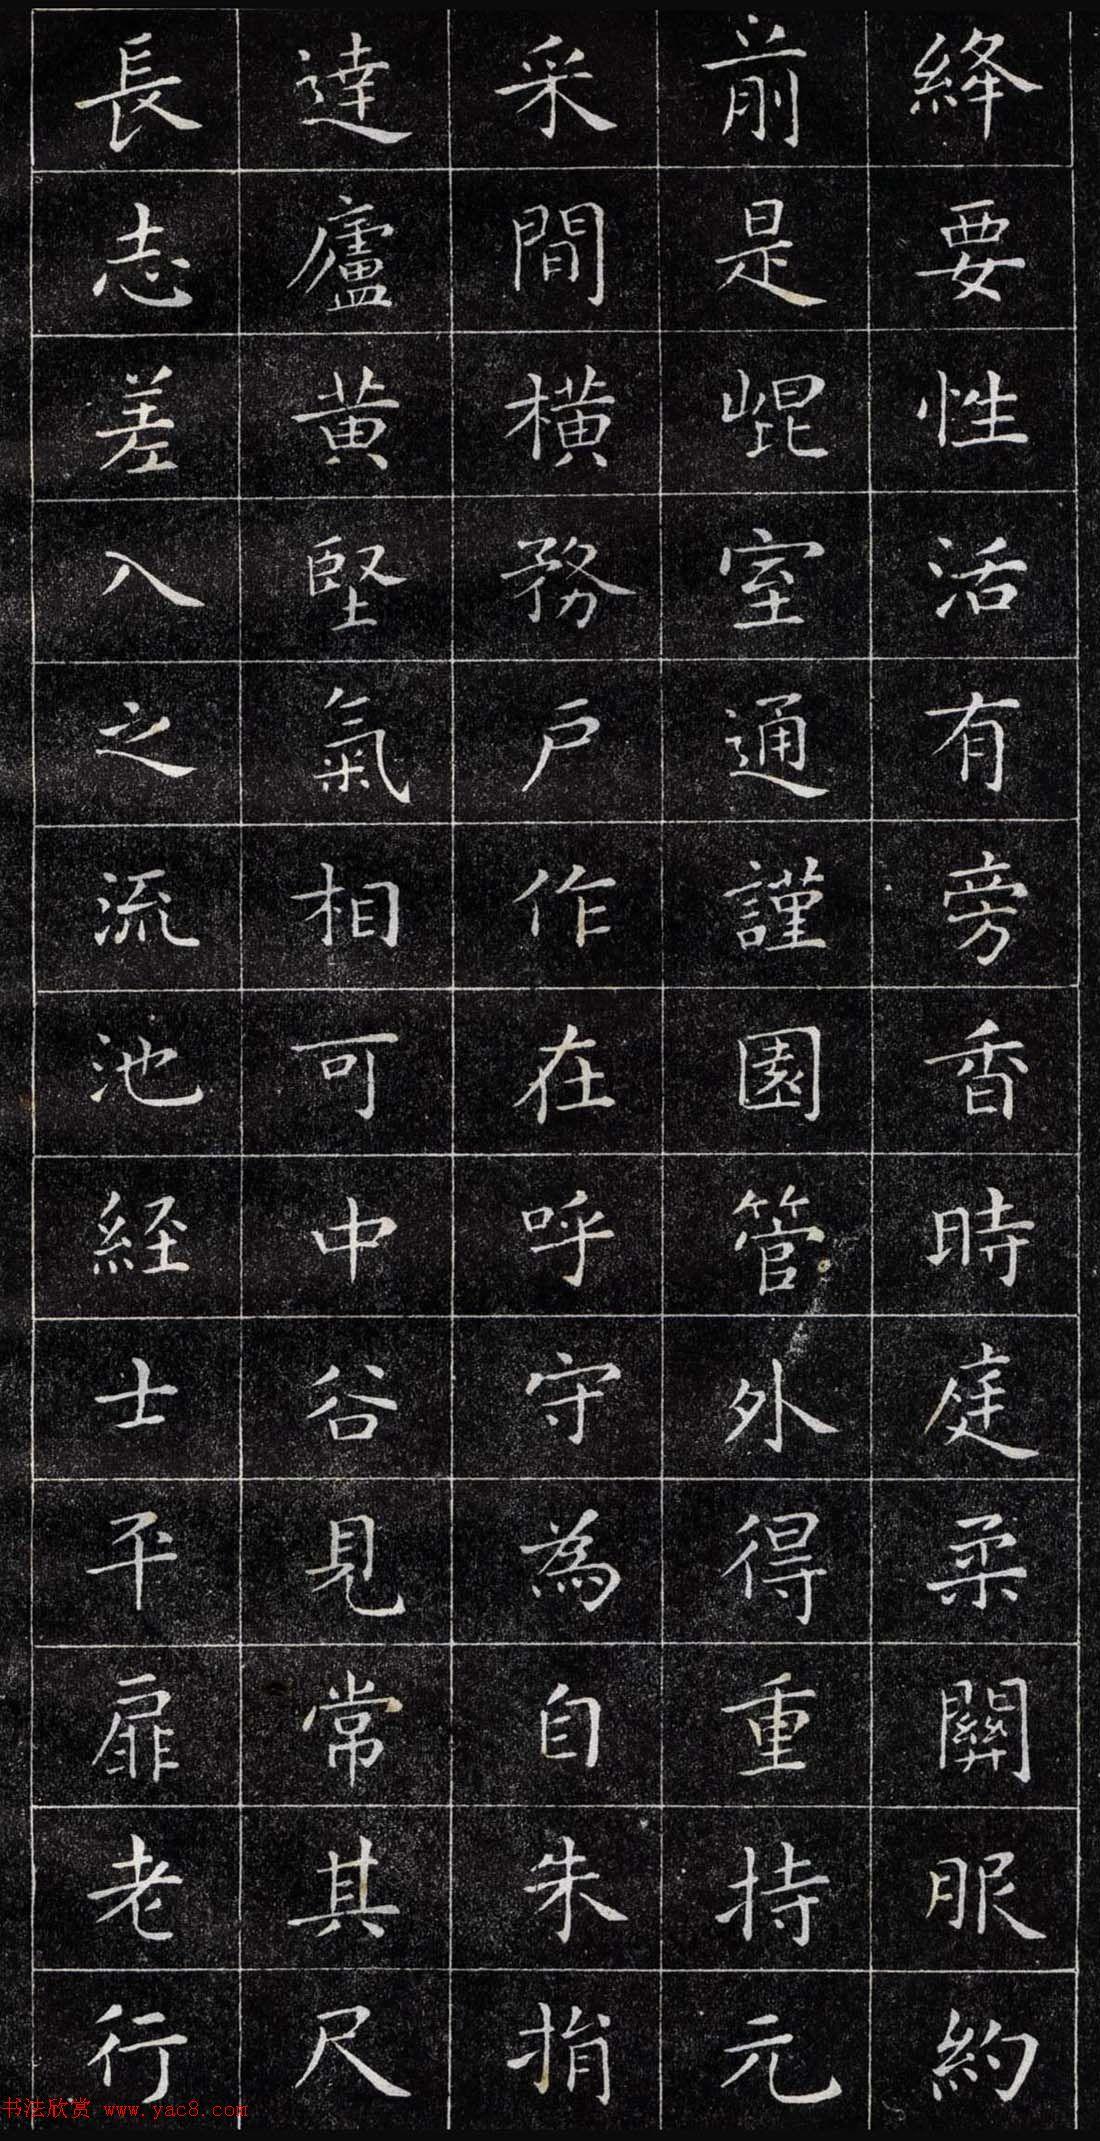 正楷字体范本 王羲之小楷字帖 第5页 楷书字帖 书法欣赏图片